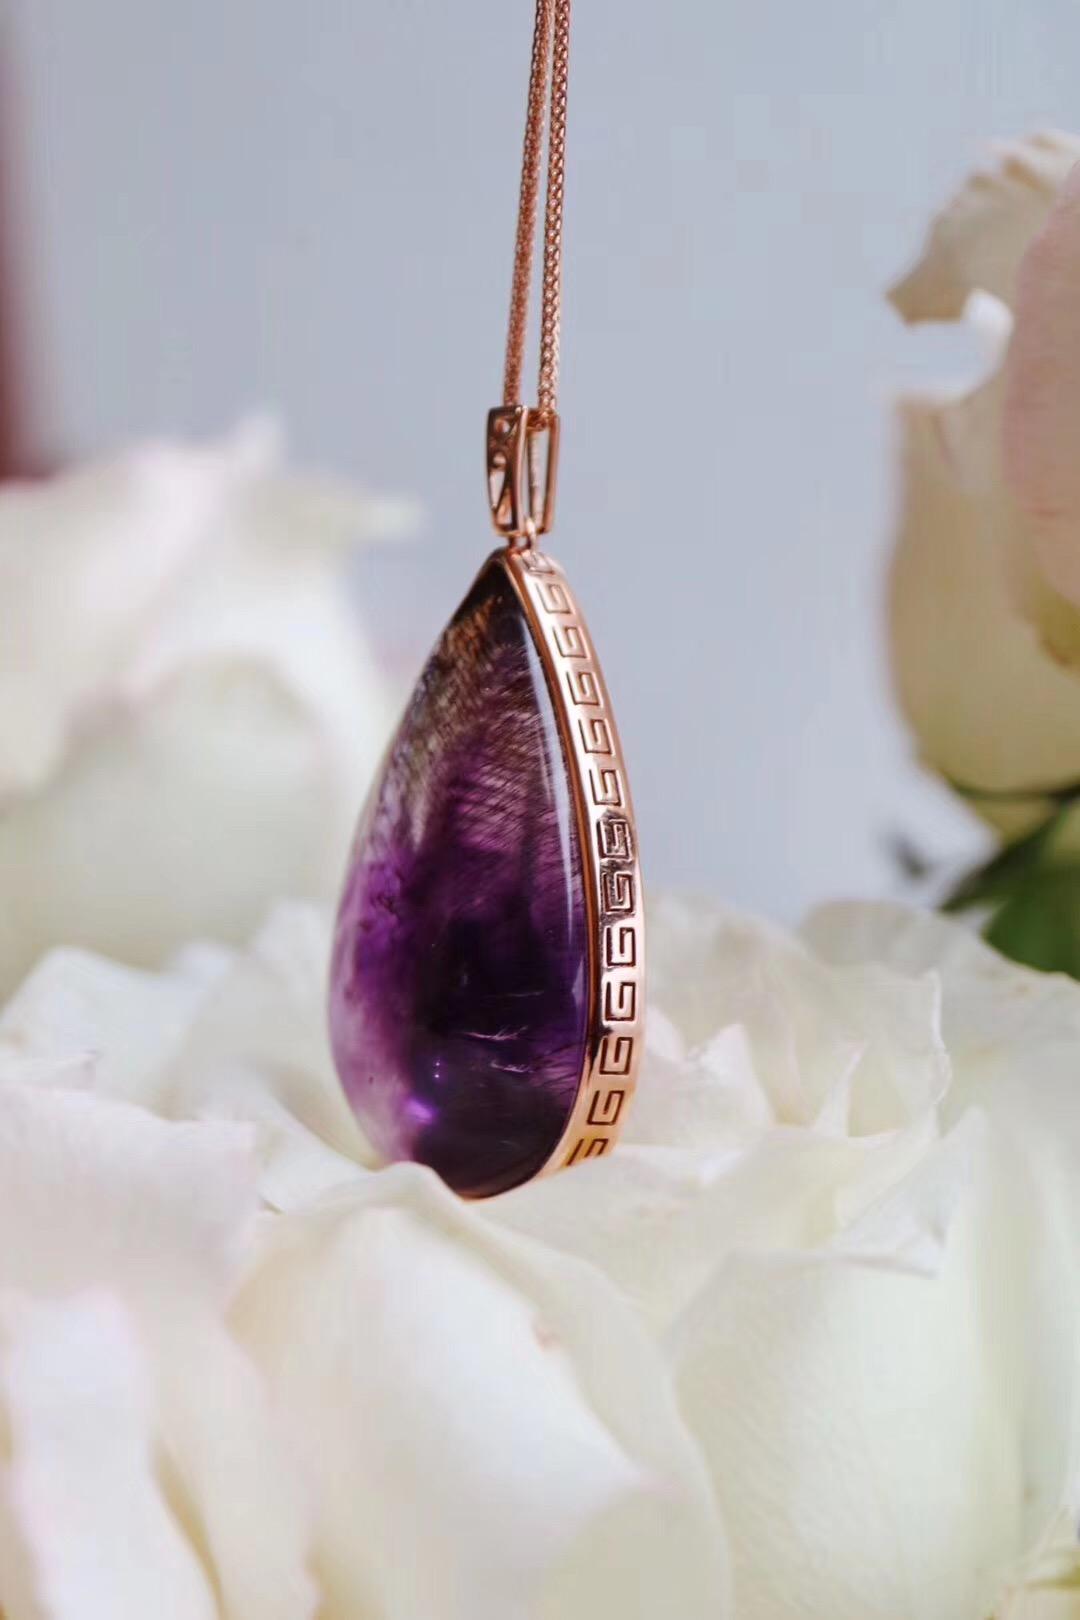 【菩心-紫发晶&超七】一颗紫发晶,足够浪上一生-菩心晶舍